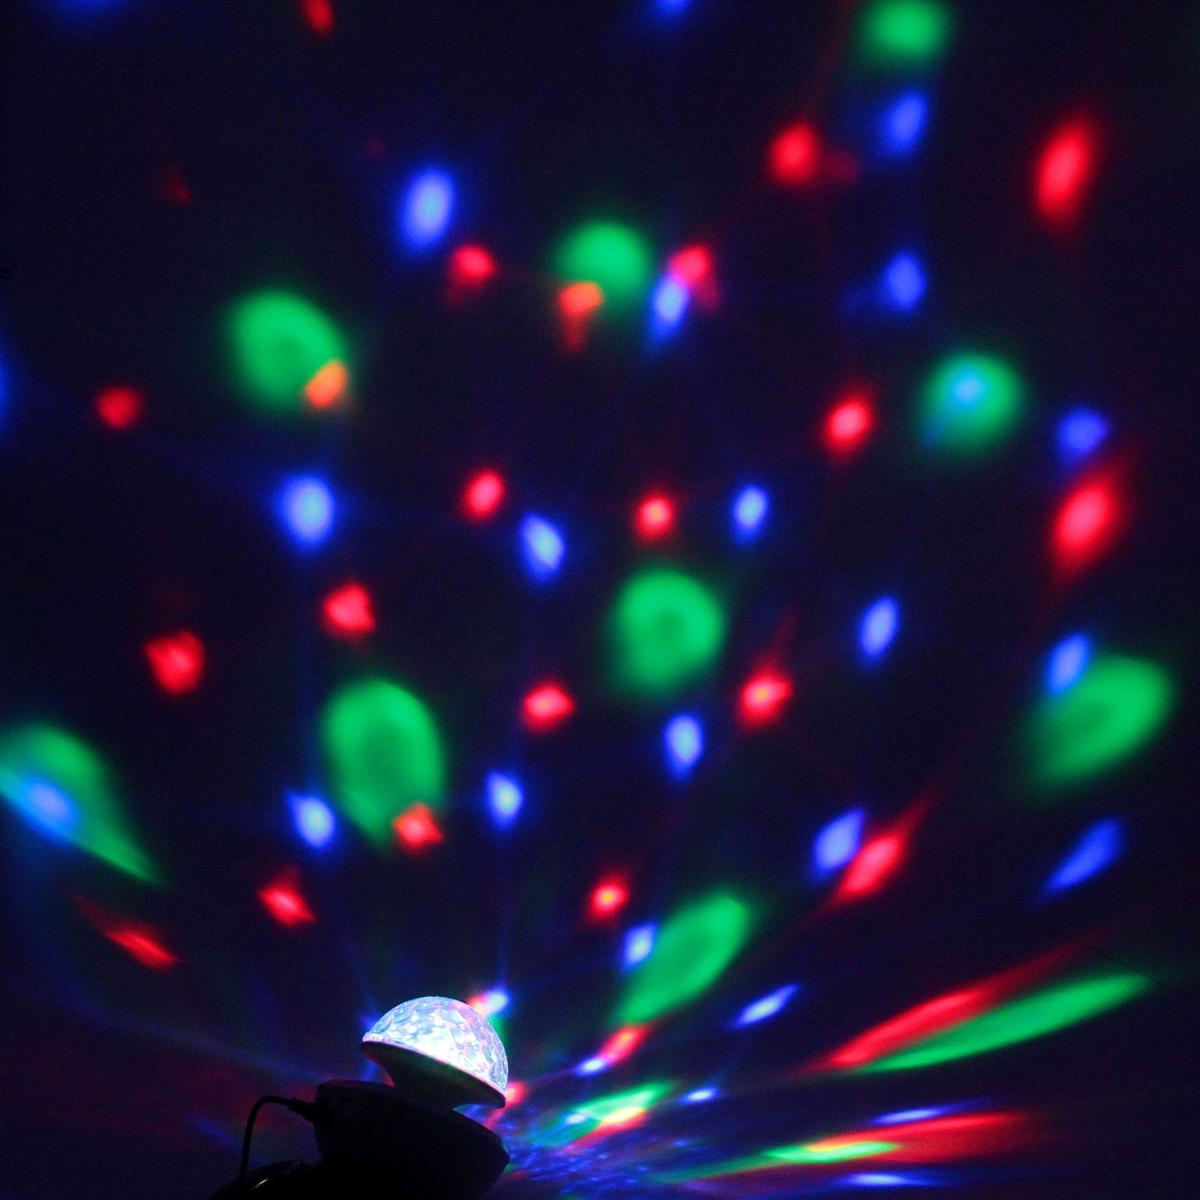 Световой прибор Luazon, с музыкой, USB microSD, цвет: белый176679Светодиодные гирлянды, ленты и т.д — это отличный вариант для новогоднего оформления интерьера или фасада. С их помощью помещение любого размера можно превратить в праздничный зал, а внешние элементы зданий, украшенные ими, мгновенно станут напоминать очертания сказочного дворца. Такие украшения создают ауру предвкушения чуда. Деревья, фасады, витрины, окна и арки будто специально созданы, чтобы вы украсили их светящимися нитями.